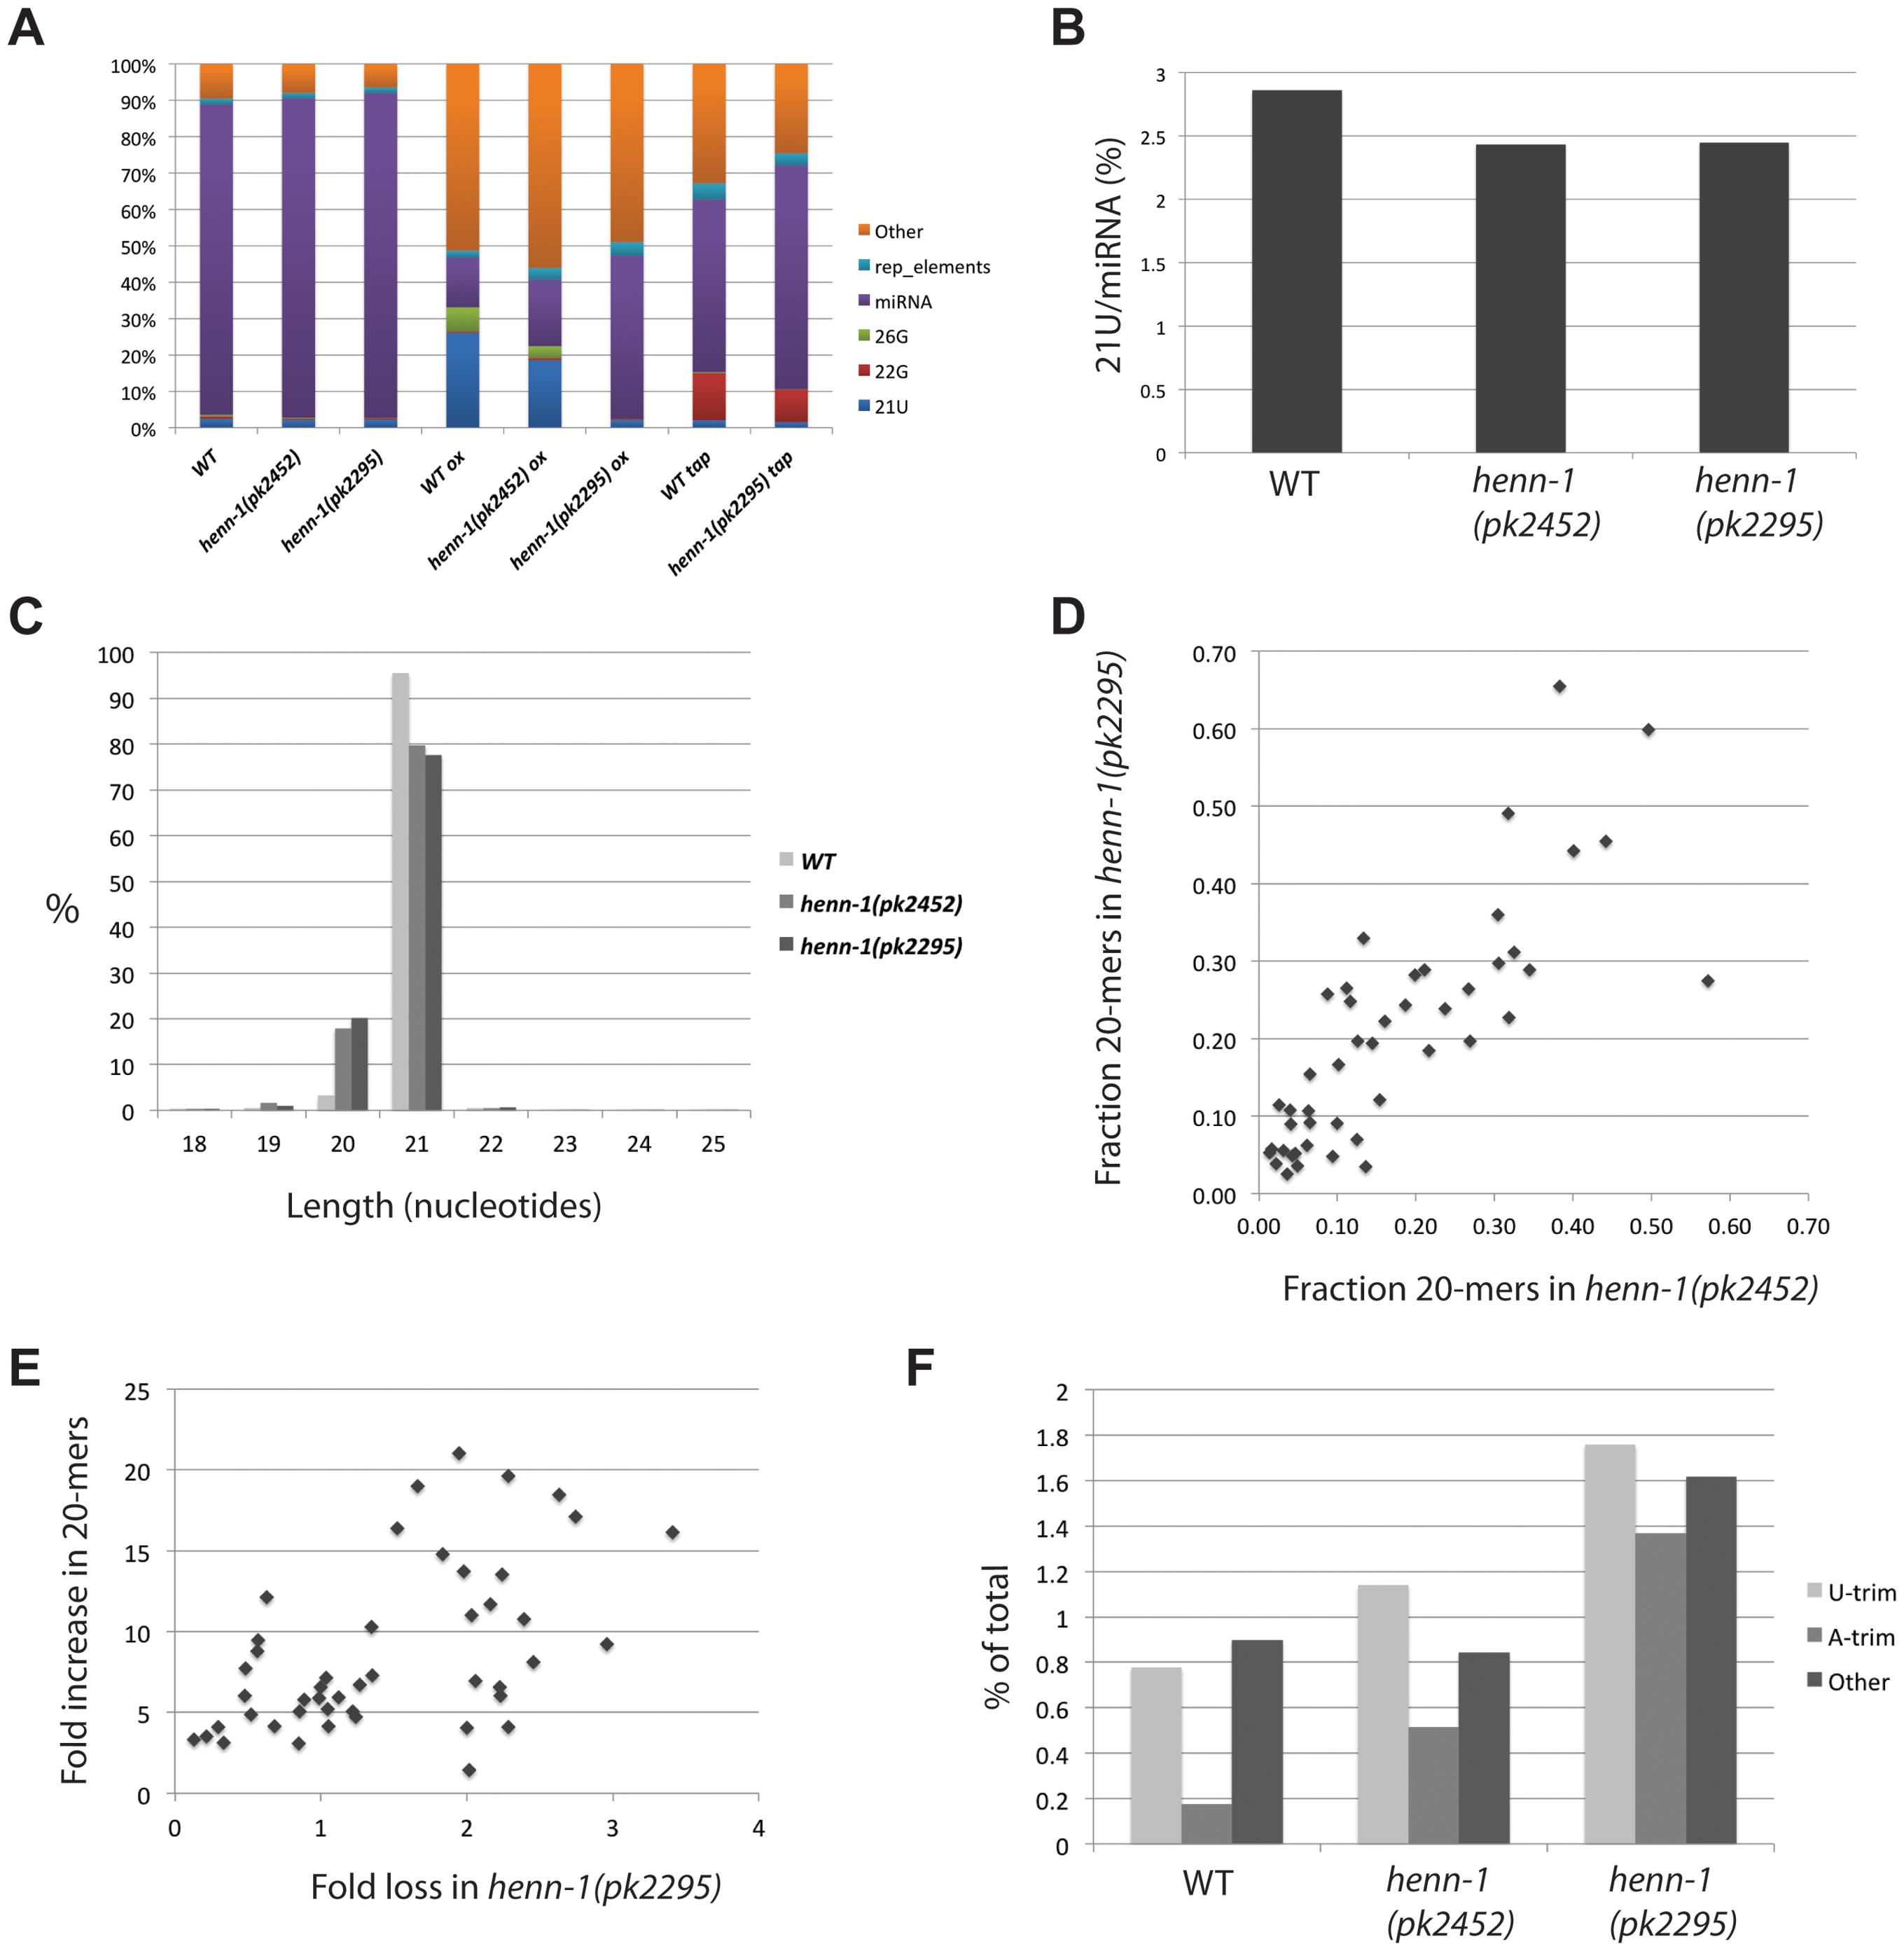 Global effects of <i>henn-1</i> on 21U RNAs.